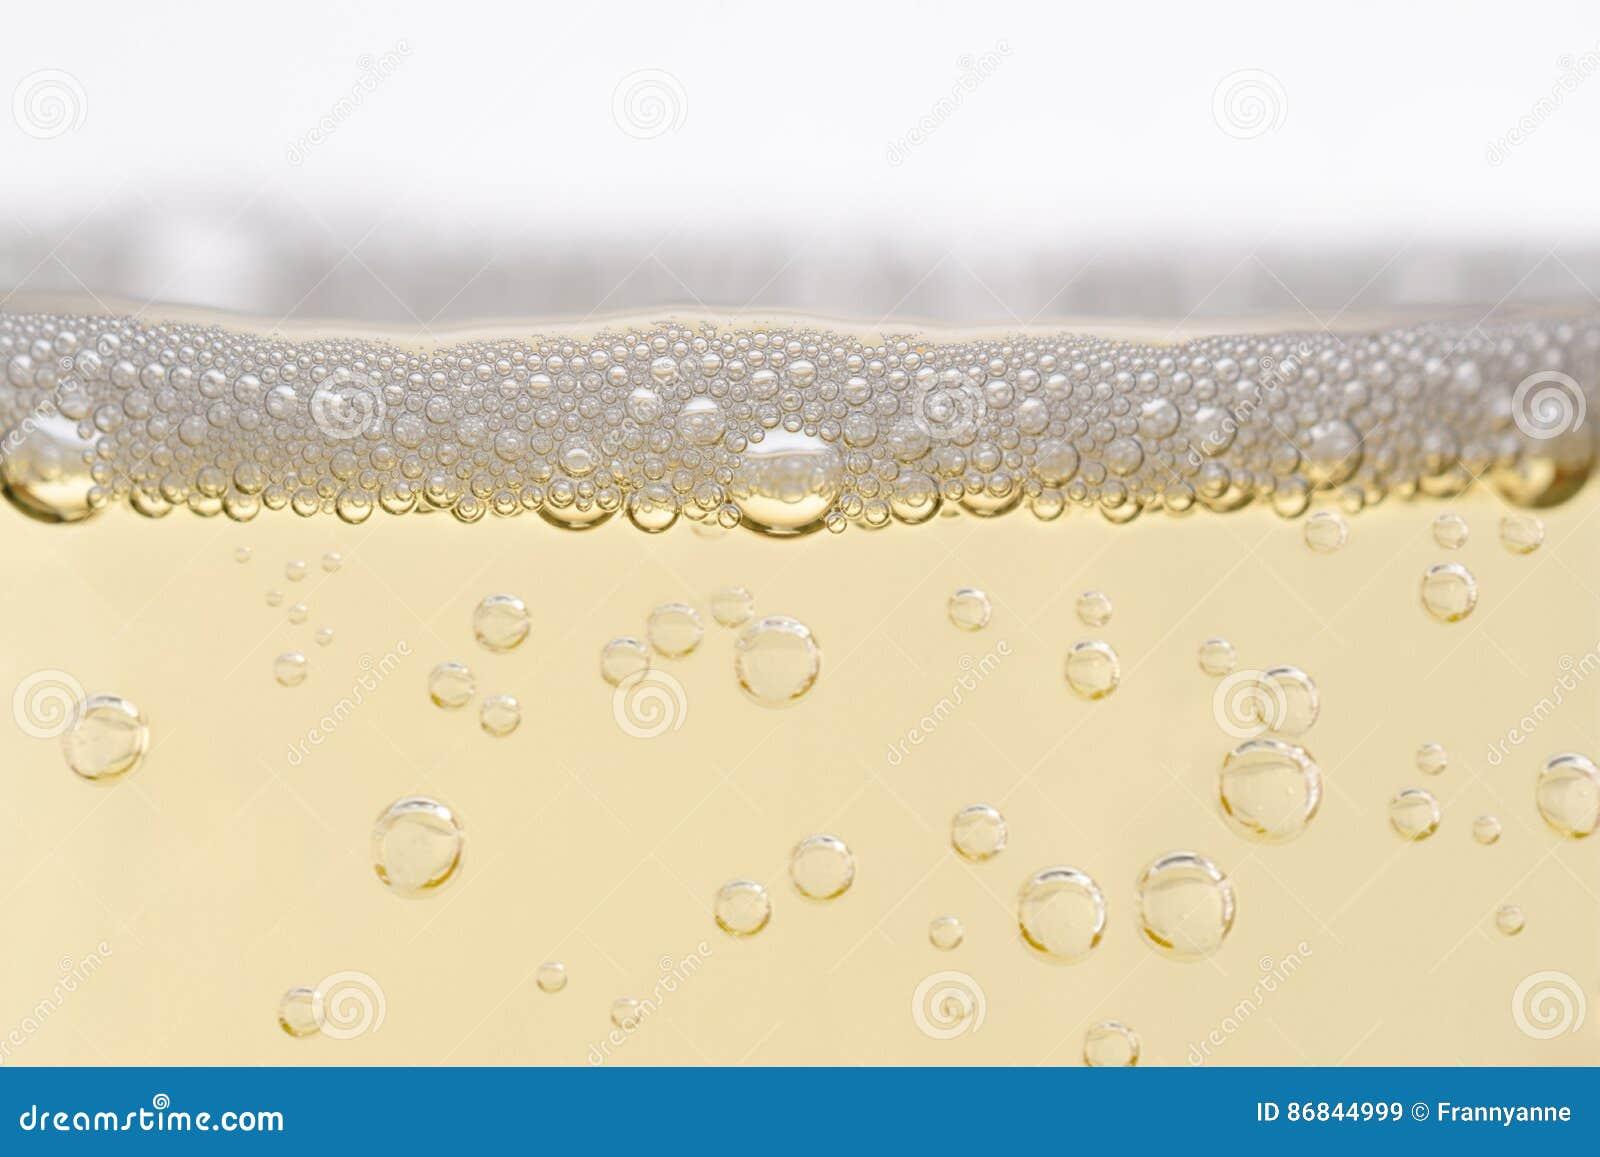 Ciérrese para arriba de Champagne Glass llenado con las burbujas de levantamiento